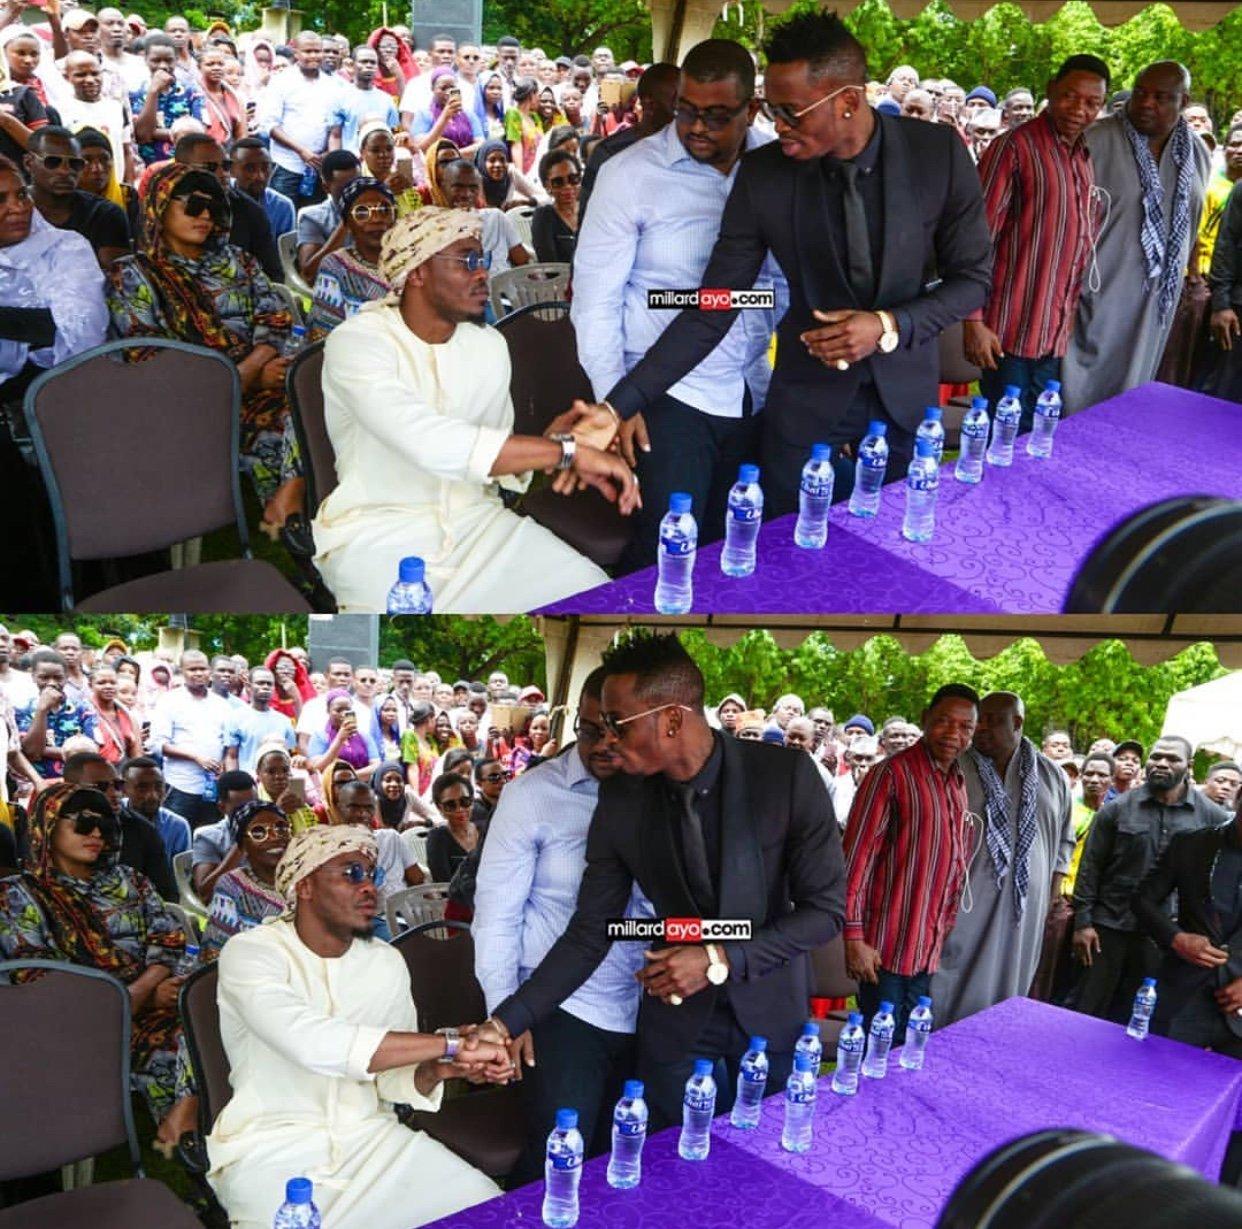 Ali Kiba na Diamond Uso Kwa Uso Kwenye Msiba Wa Masogange